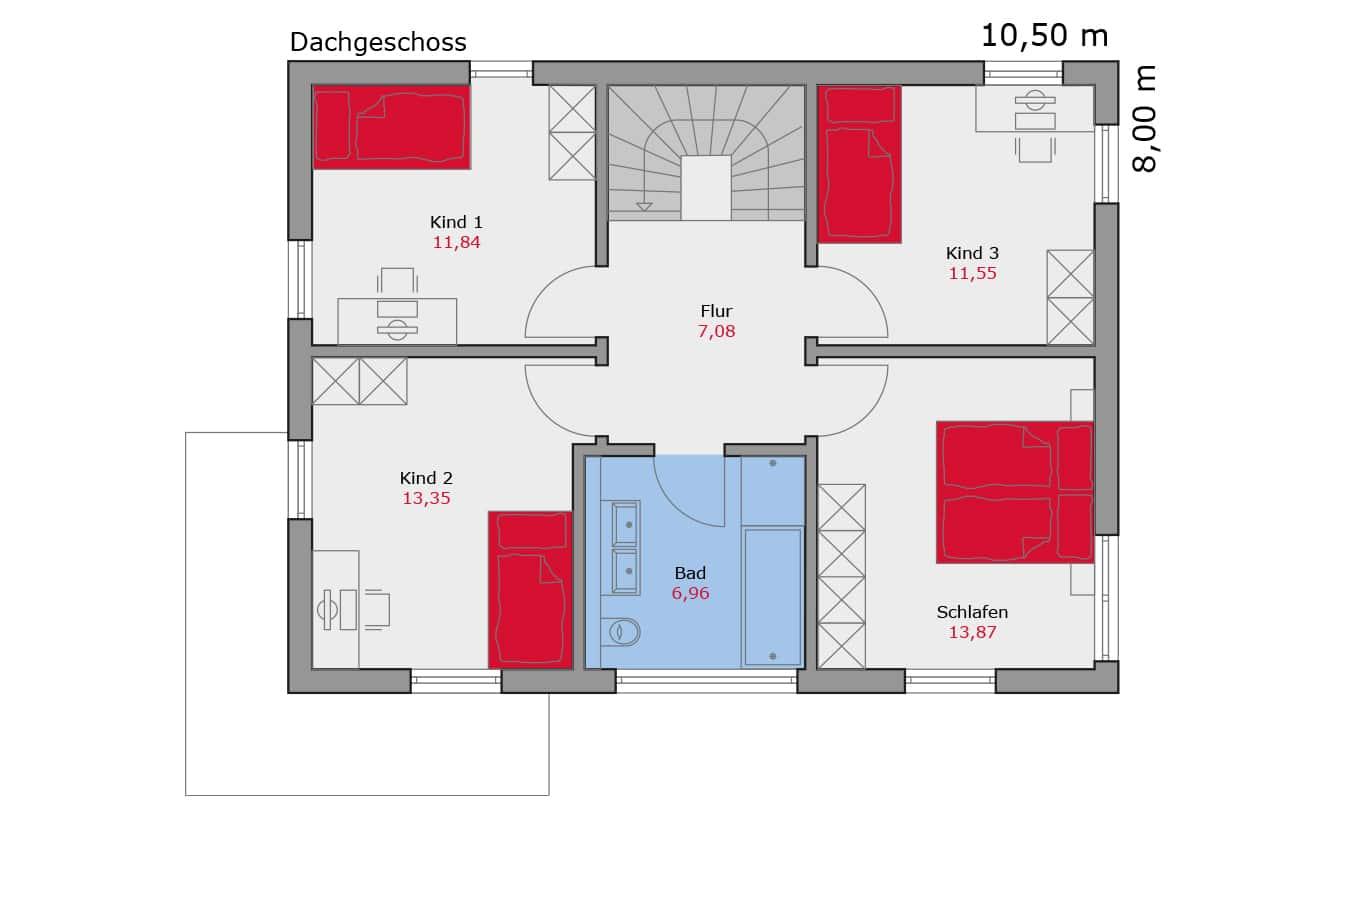 Haus114_Grundriss_Dachgeschoss_Flachdach_Einfamilienhaus_Talbauhaus